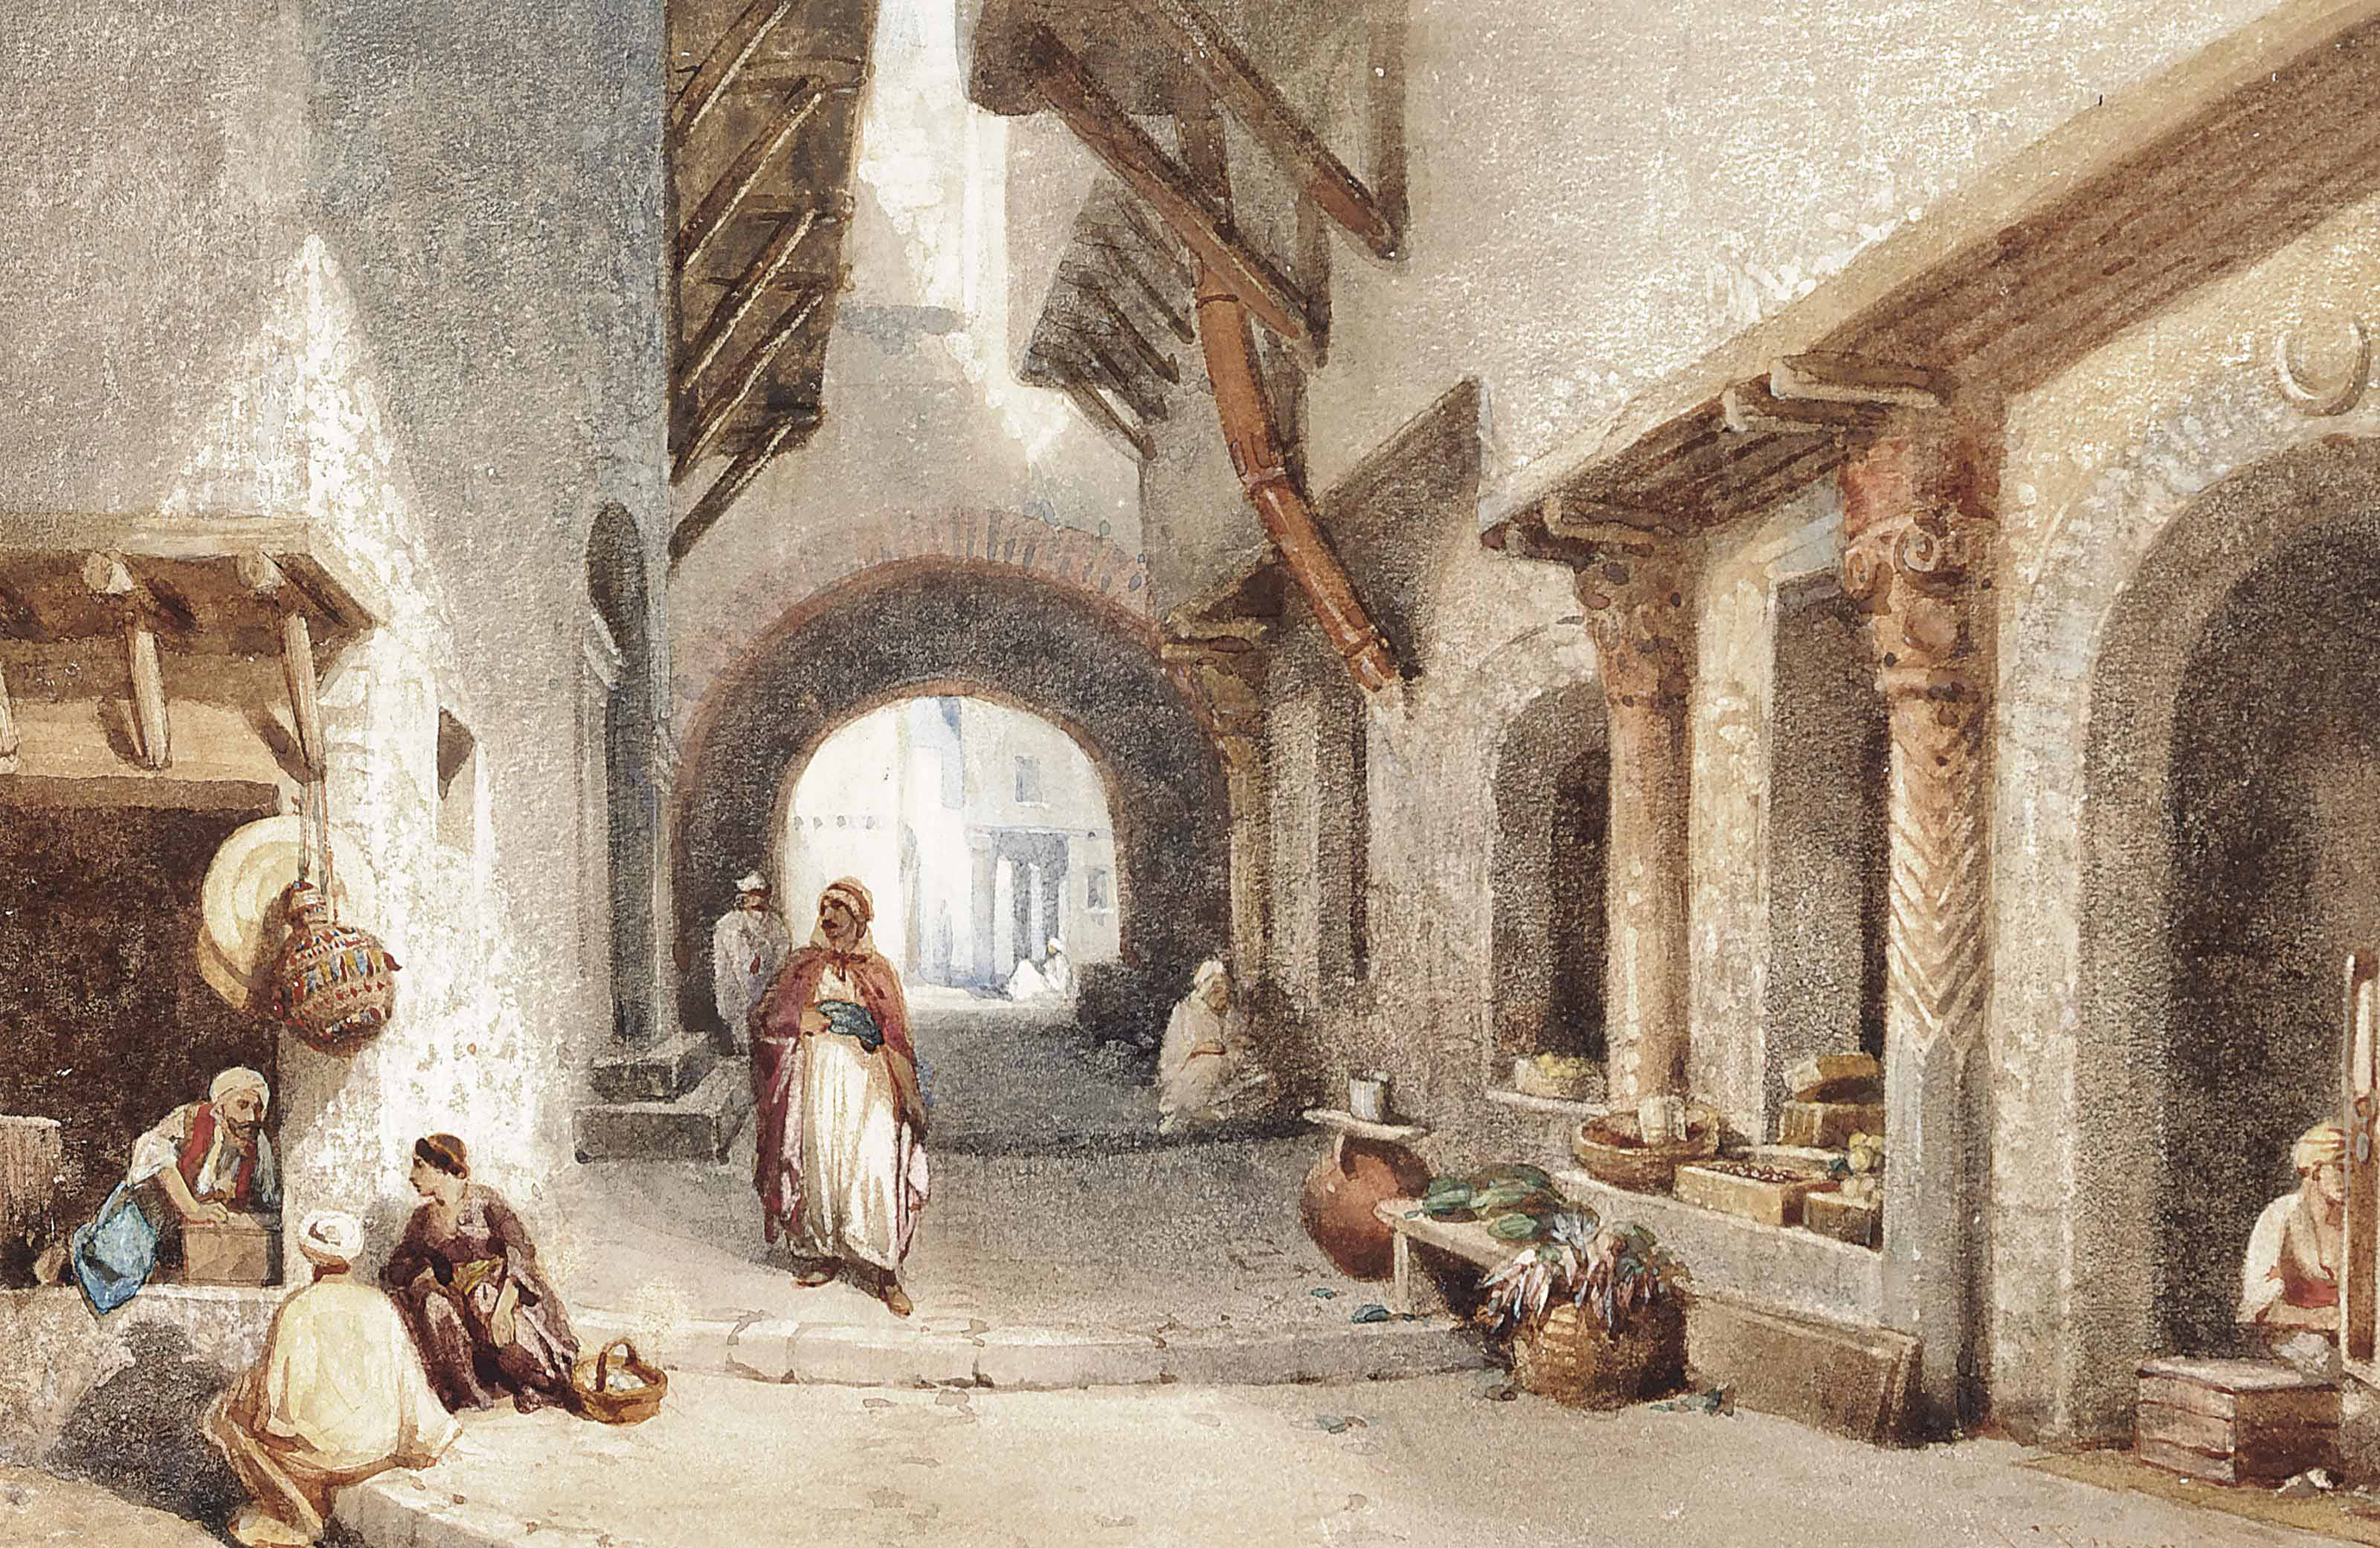 Louis Tesson (French, 1820-1870)